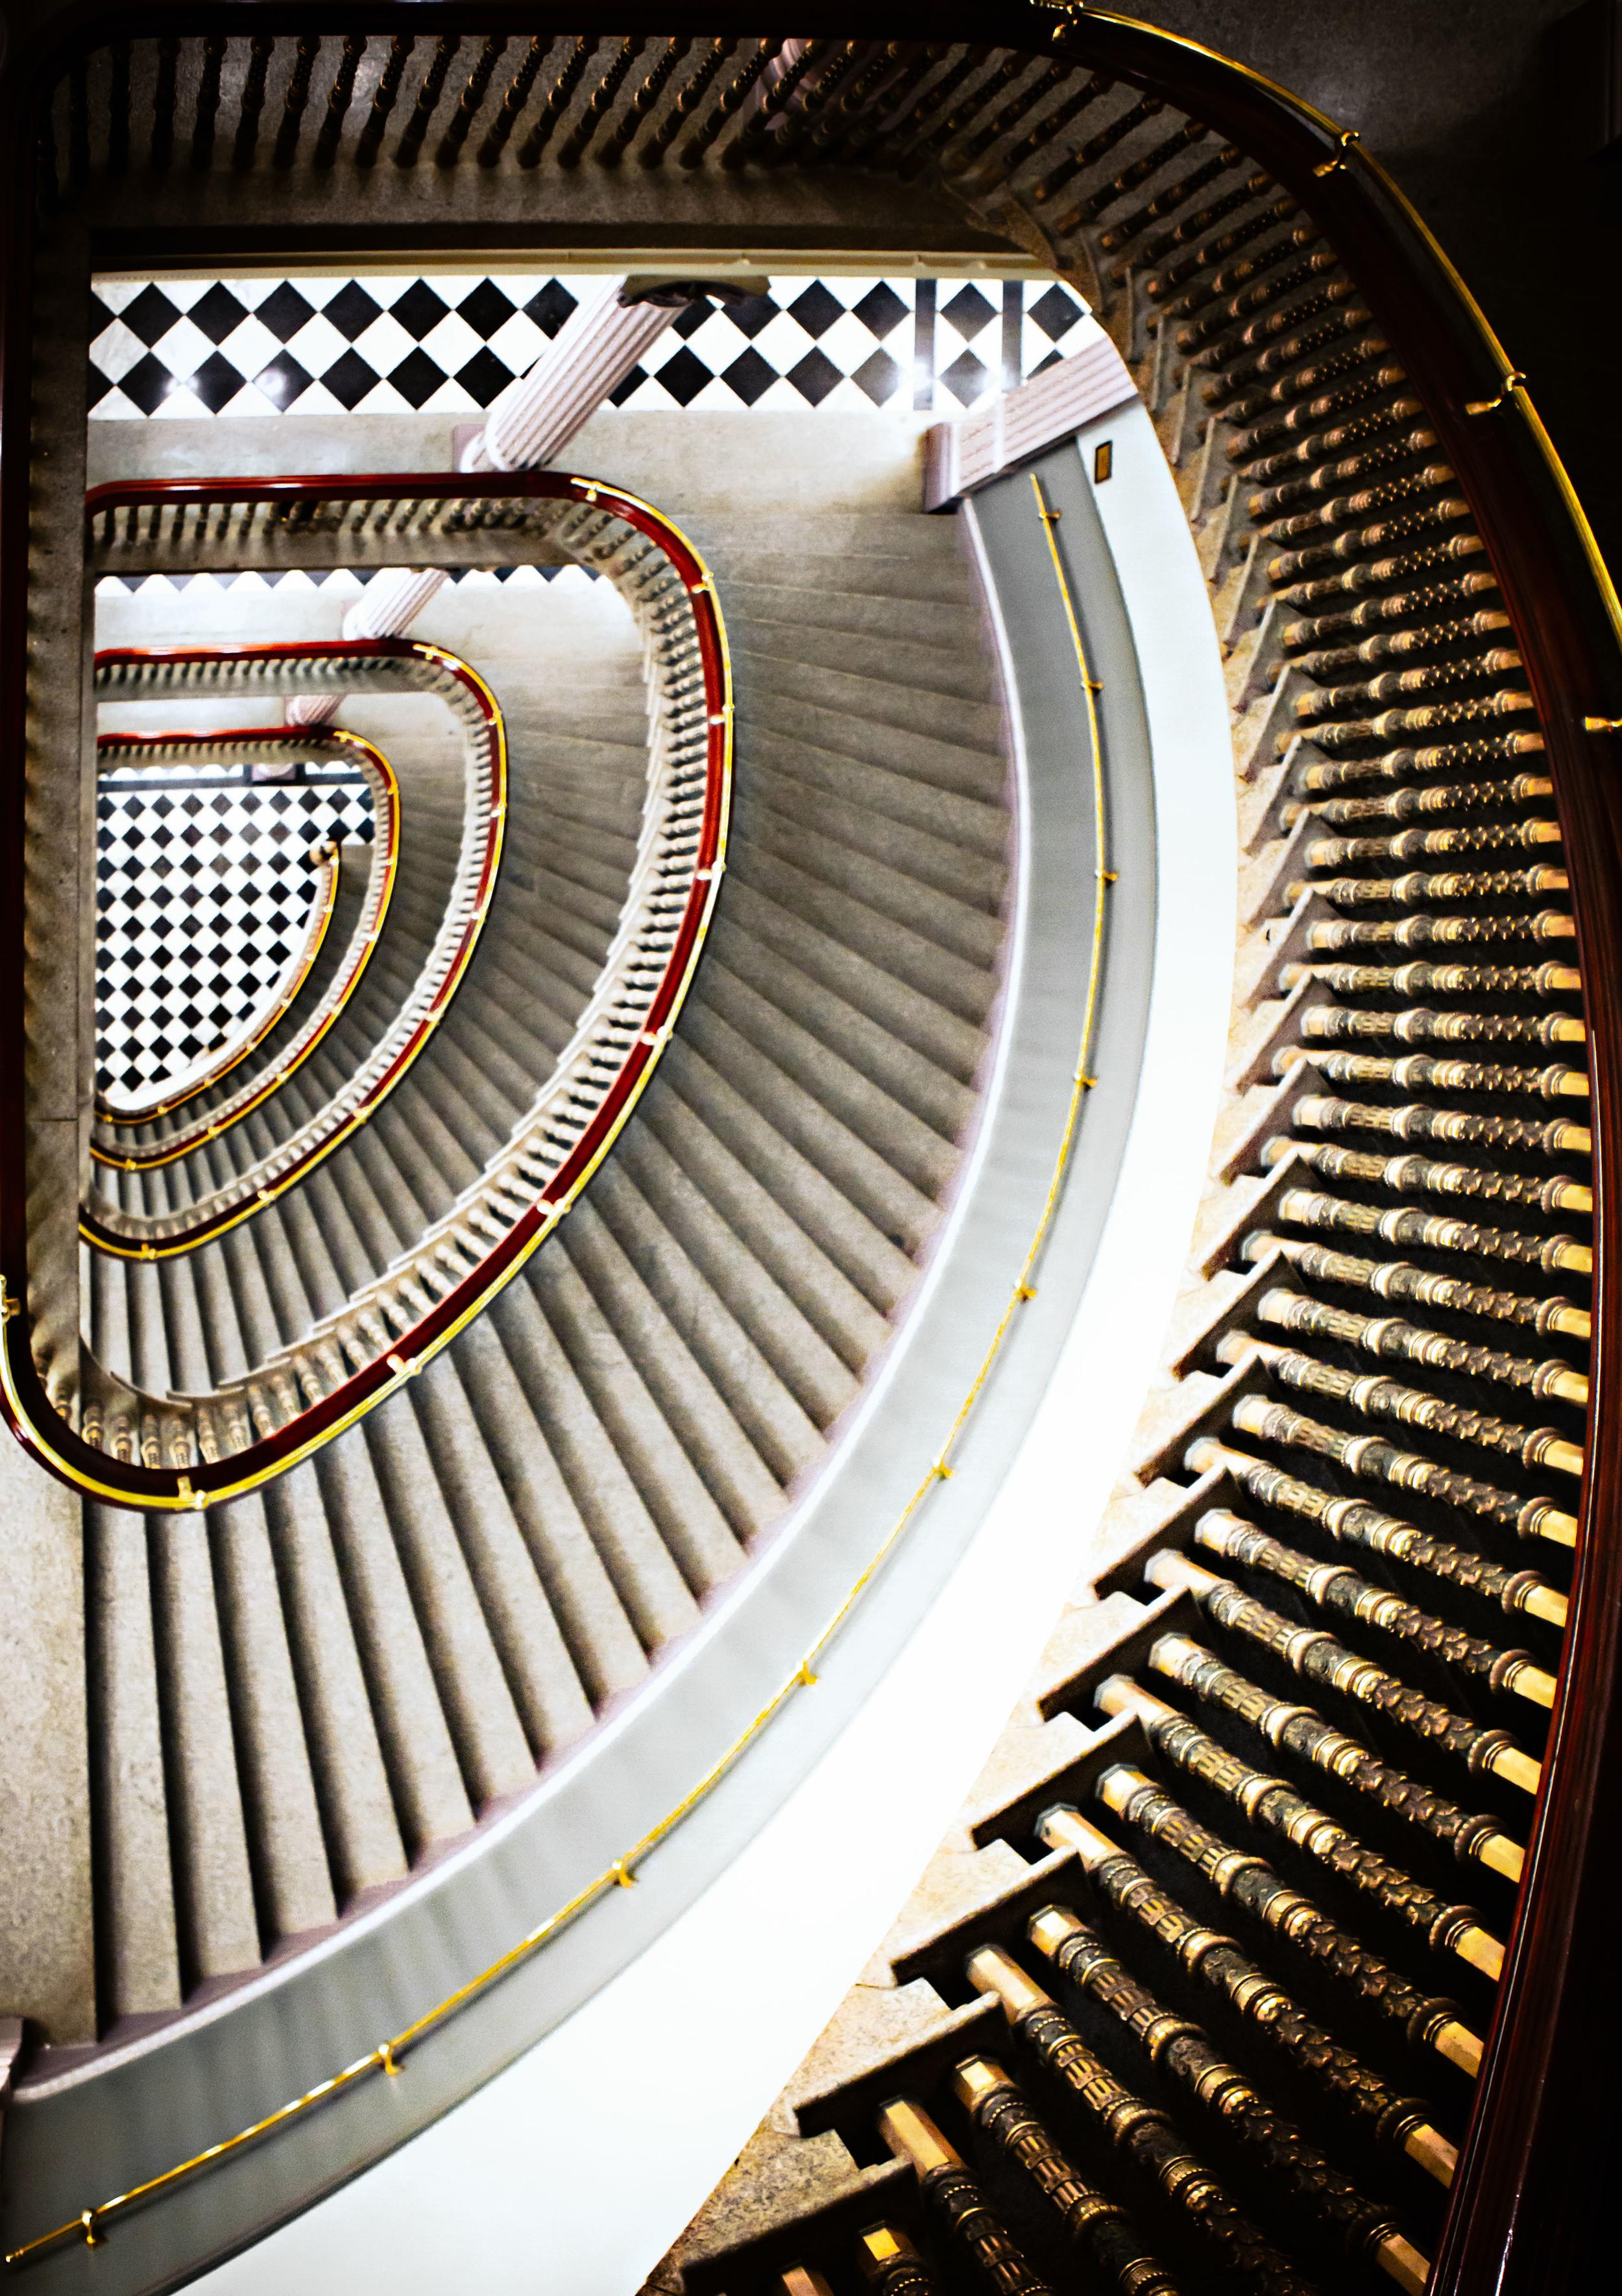 11 nov 09 2010_EEOB Stairwell.jpg